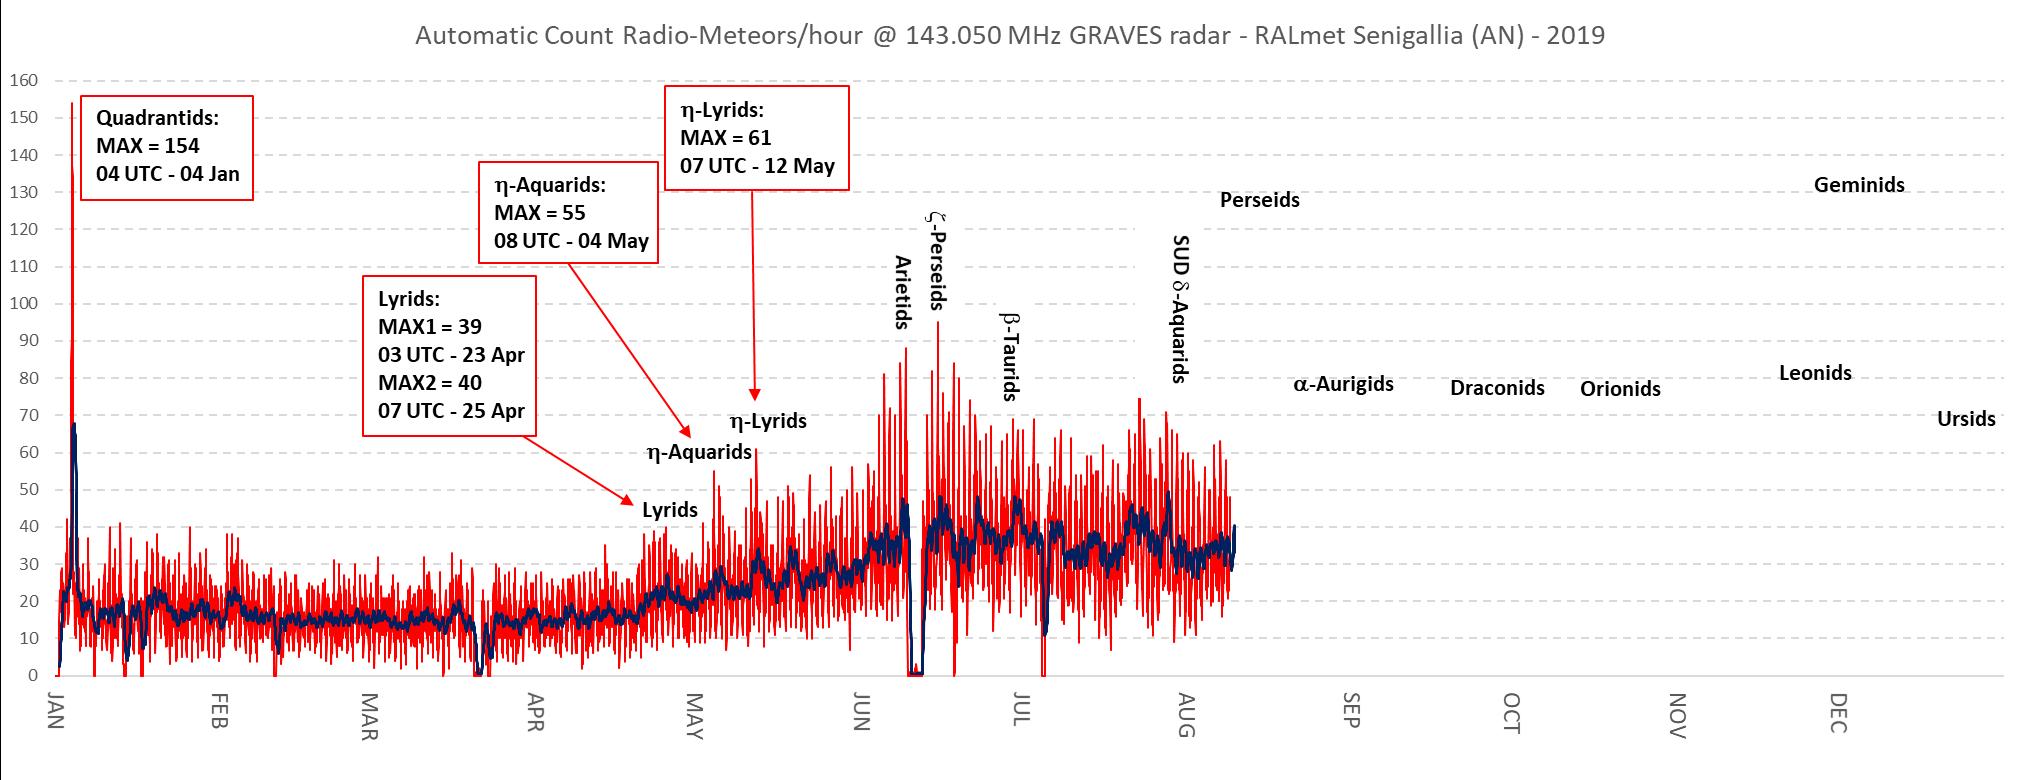 Attività radio-meteorica registrata fino ad oggi dalla stazione RALmet.